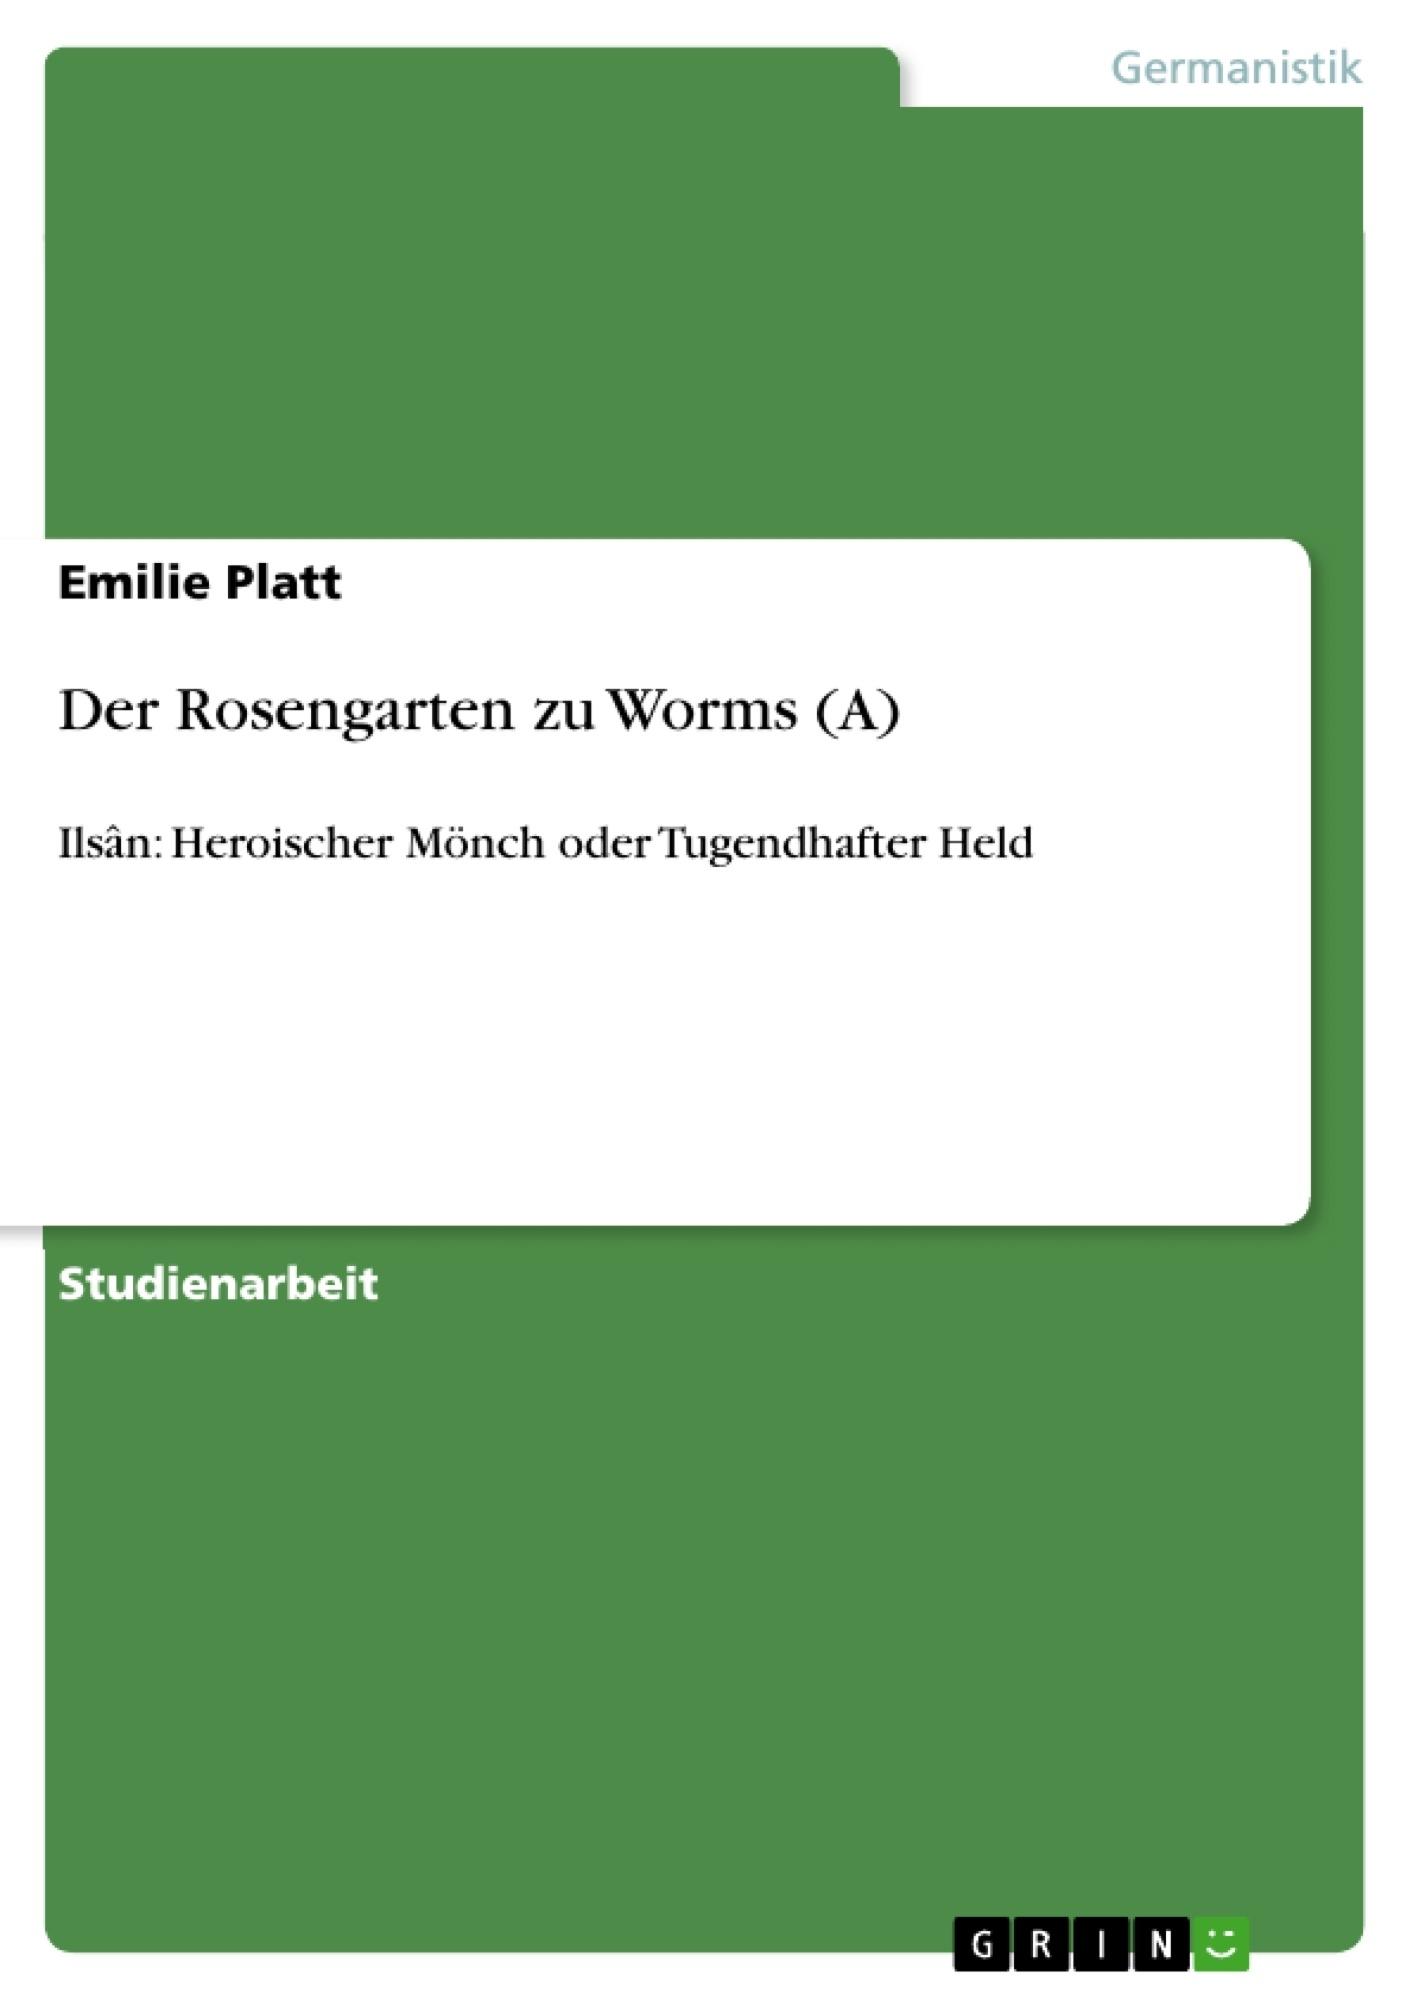 Titel: Der Rosengarten zu Worms (A)